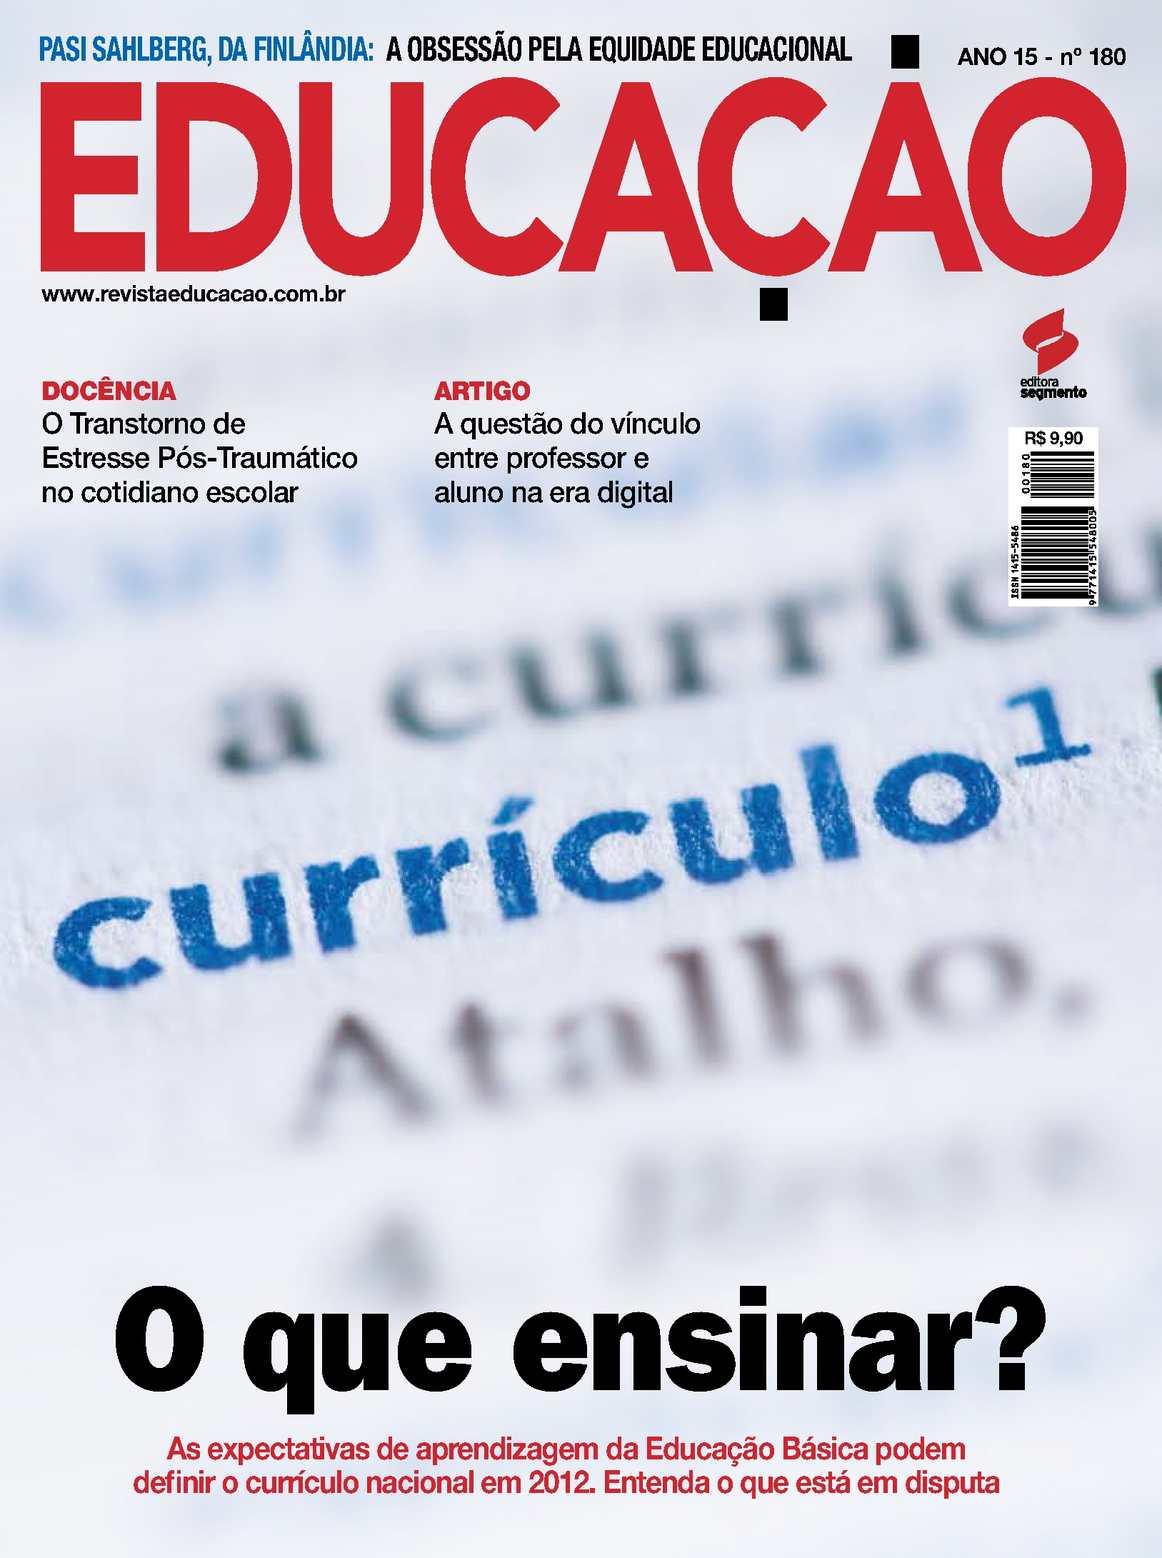 Revista Educação - Edição 180